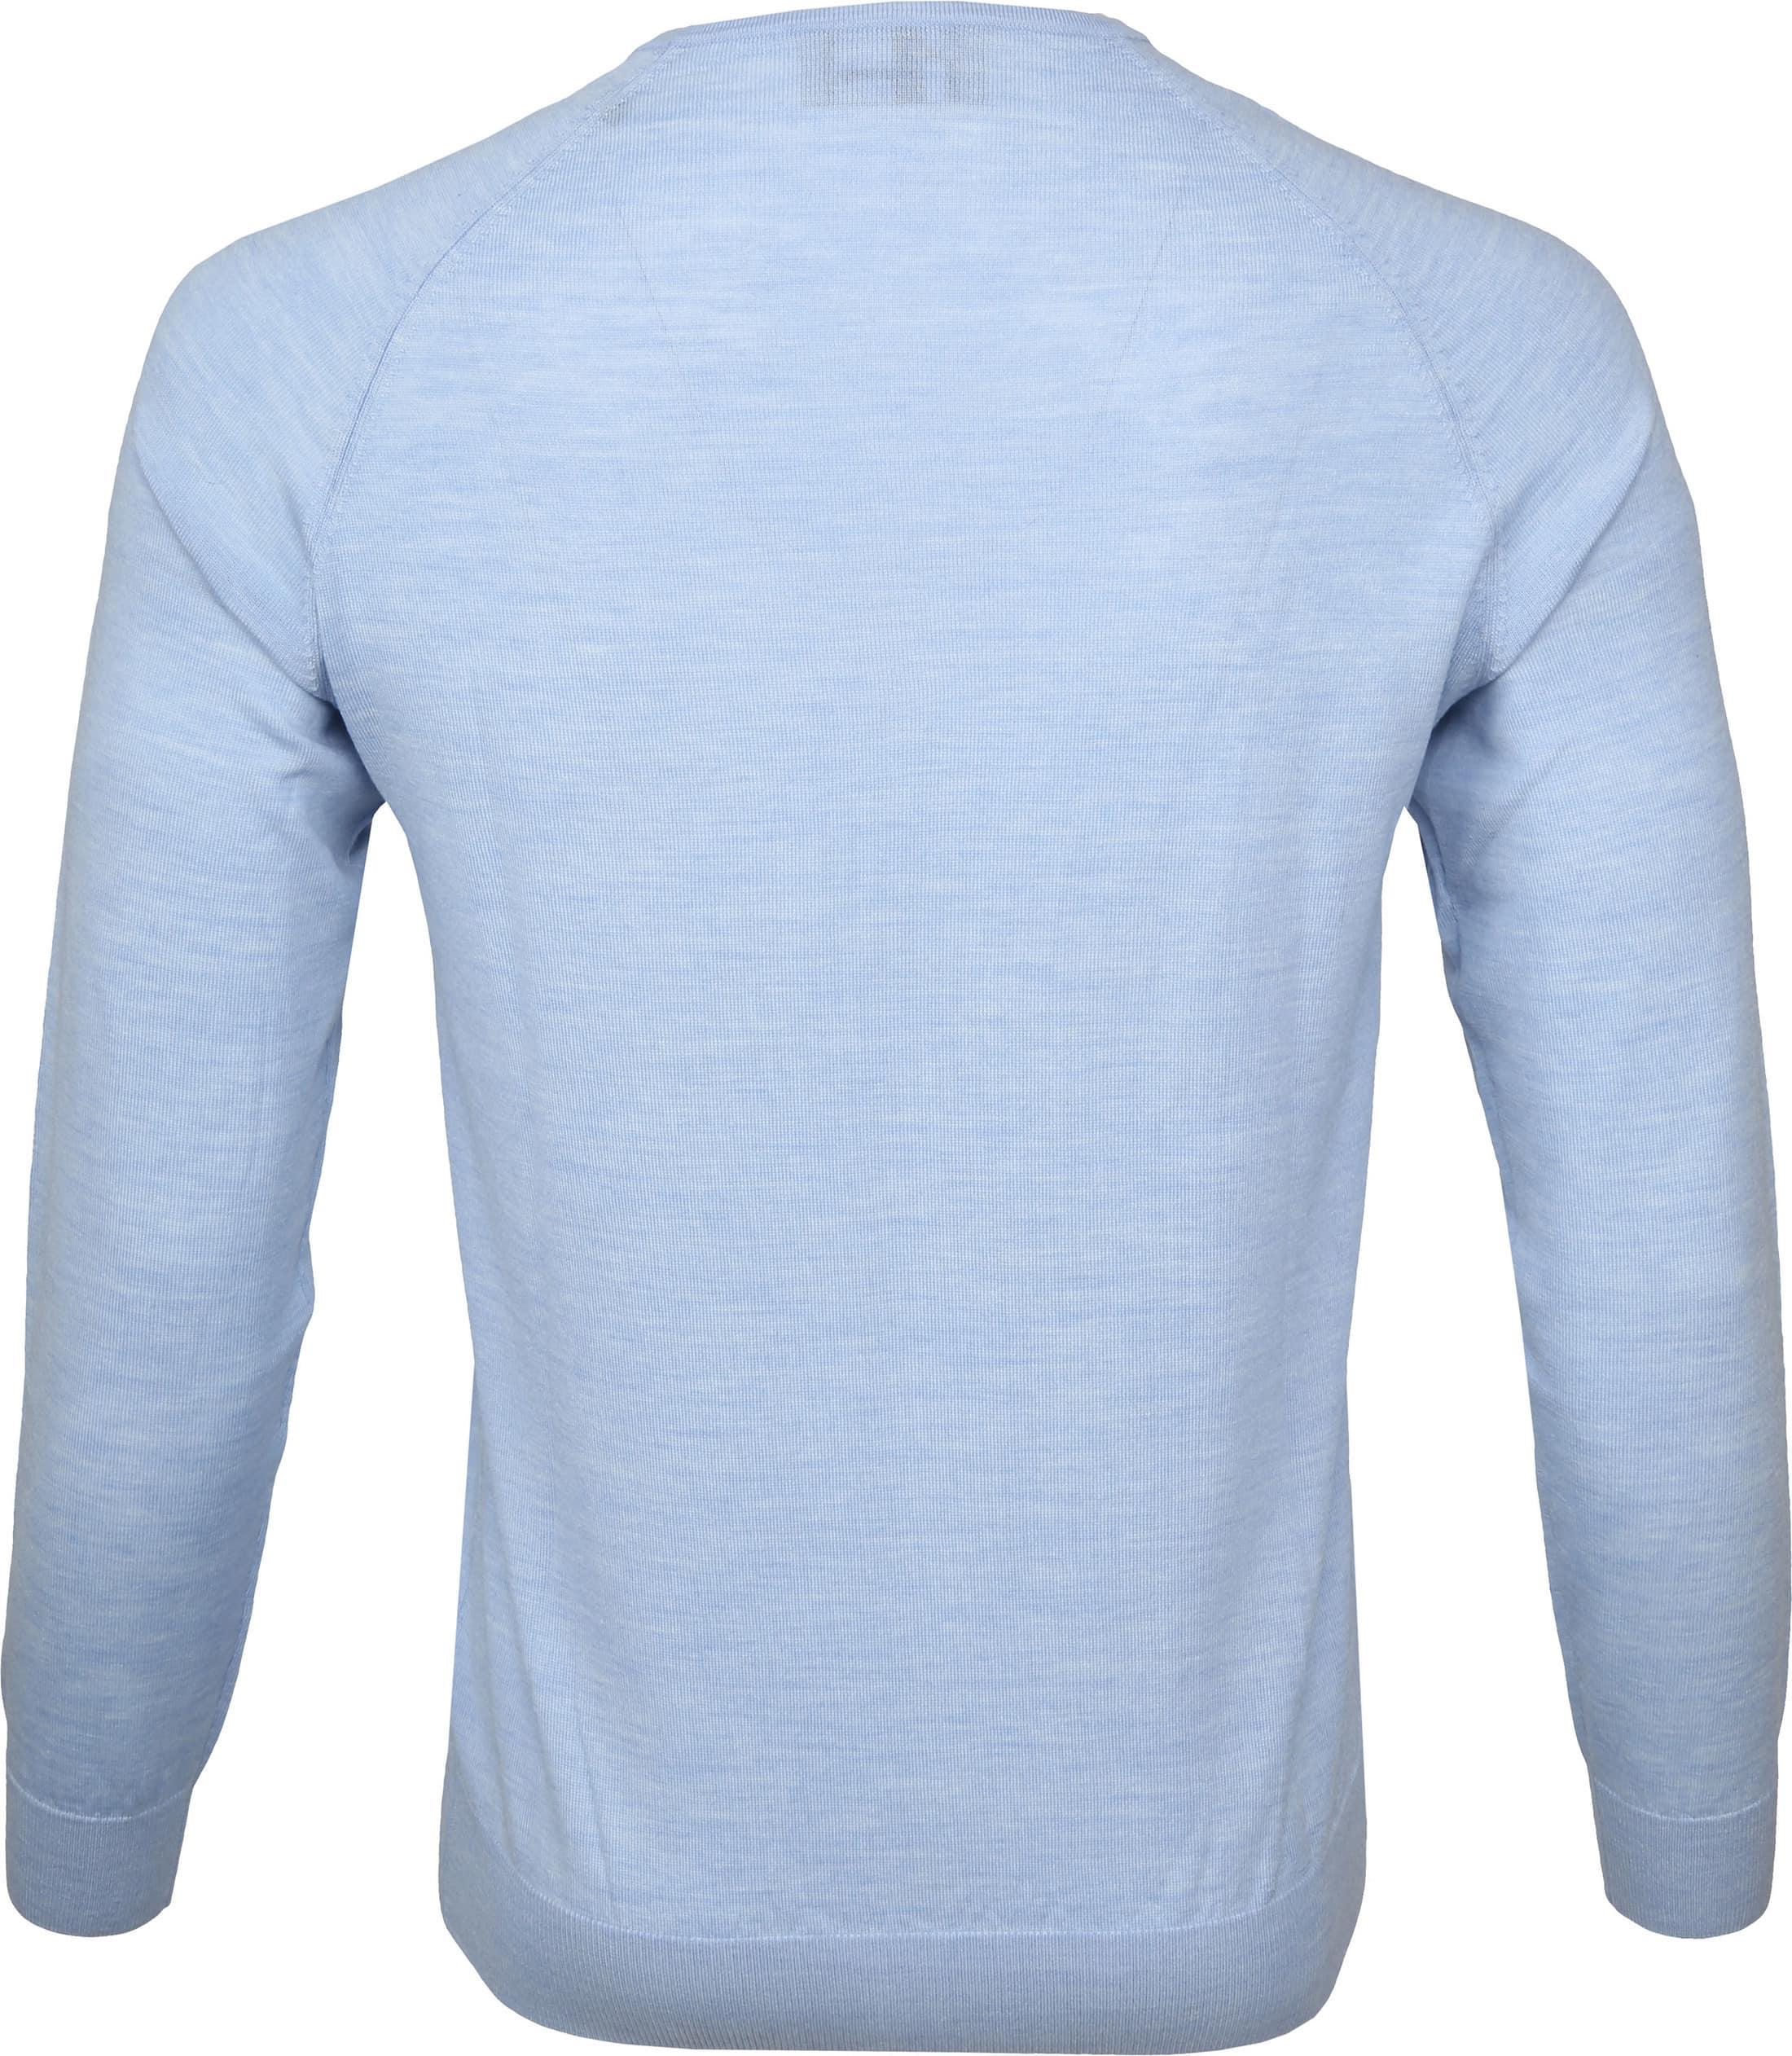 Suitable Pullover Prestige Merino Lichtblauw foto 2